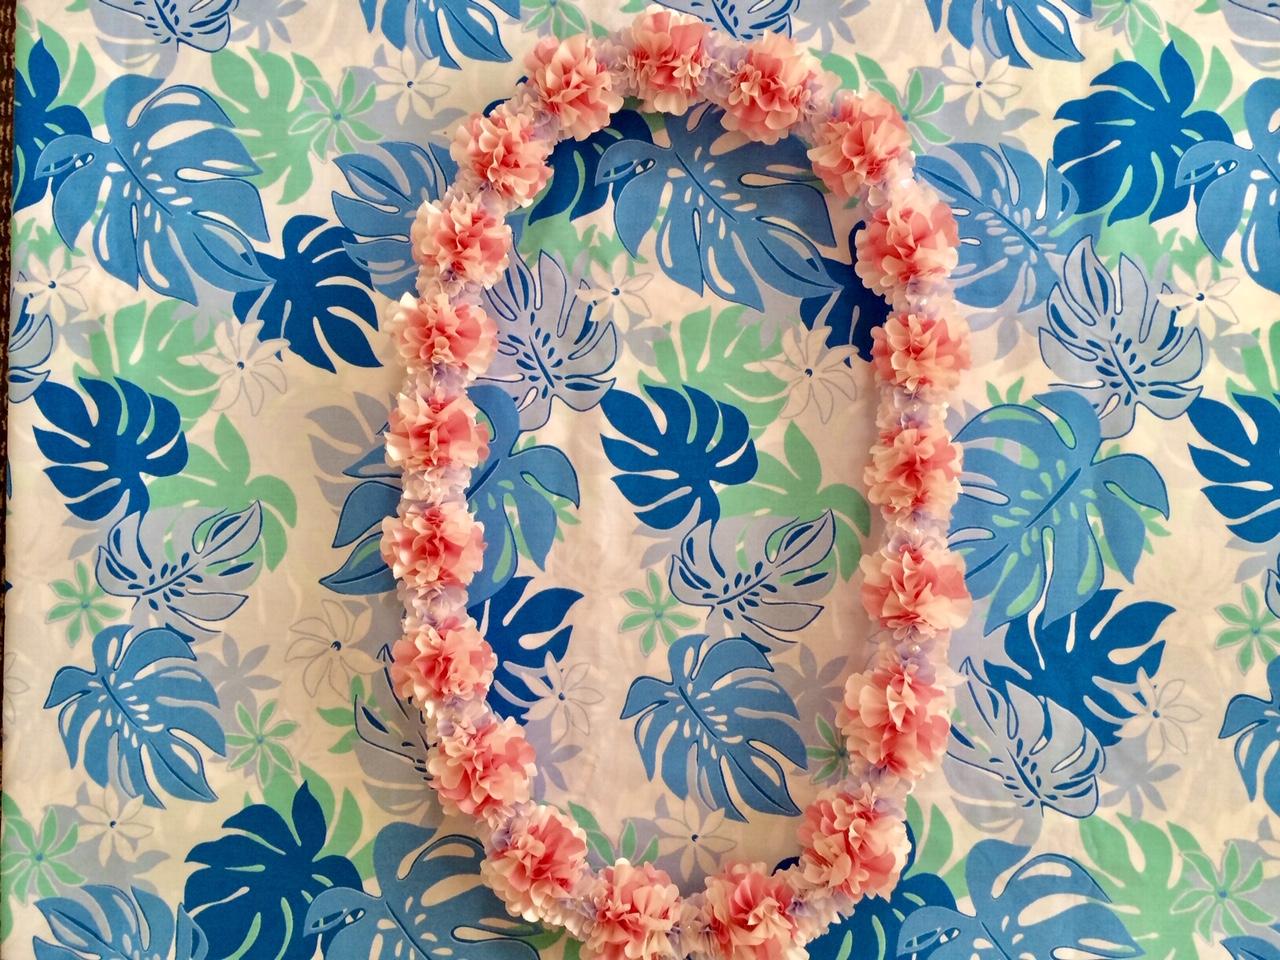 桜の時期ですね♪桜の『レイ』でお部屋にも春を呼びませんか?【ダブルチェリーブロッサム キット】